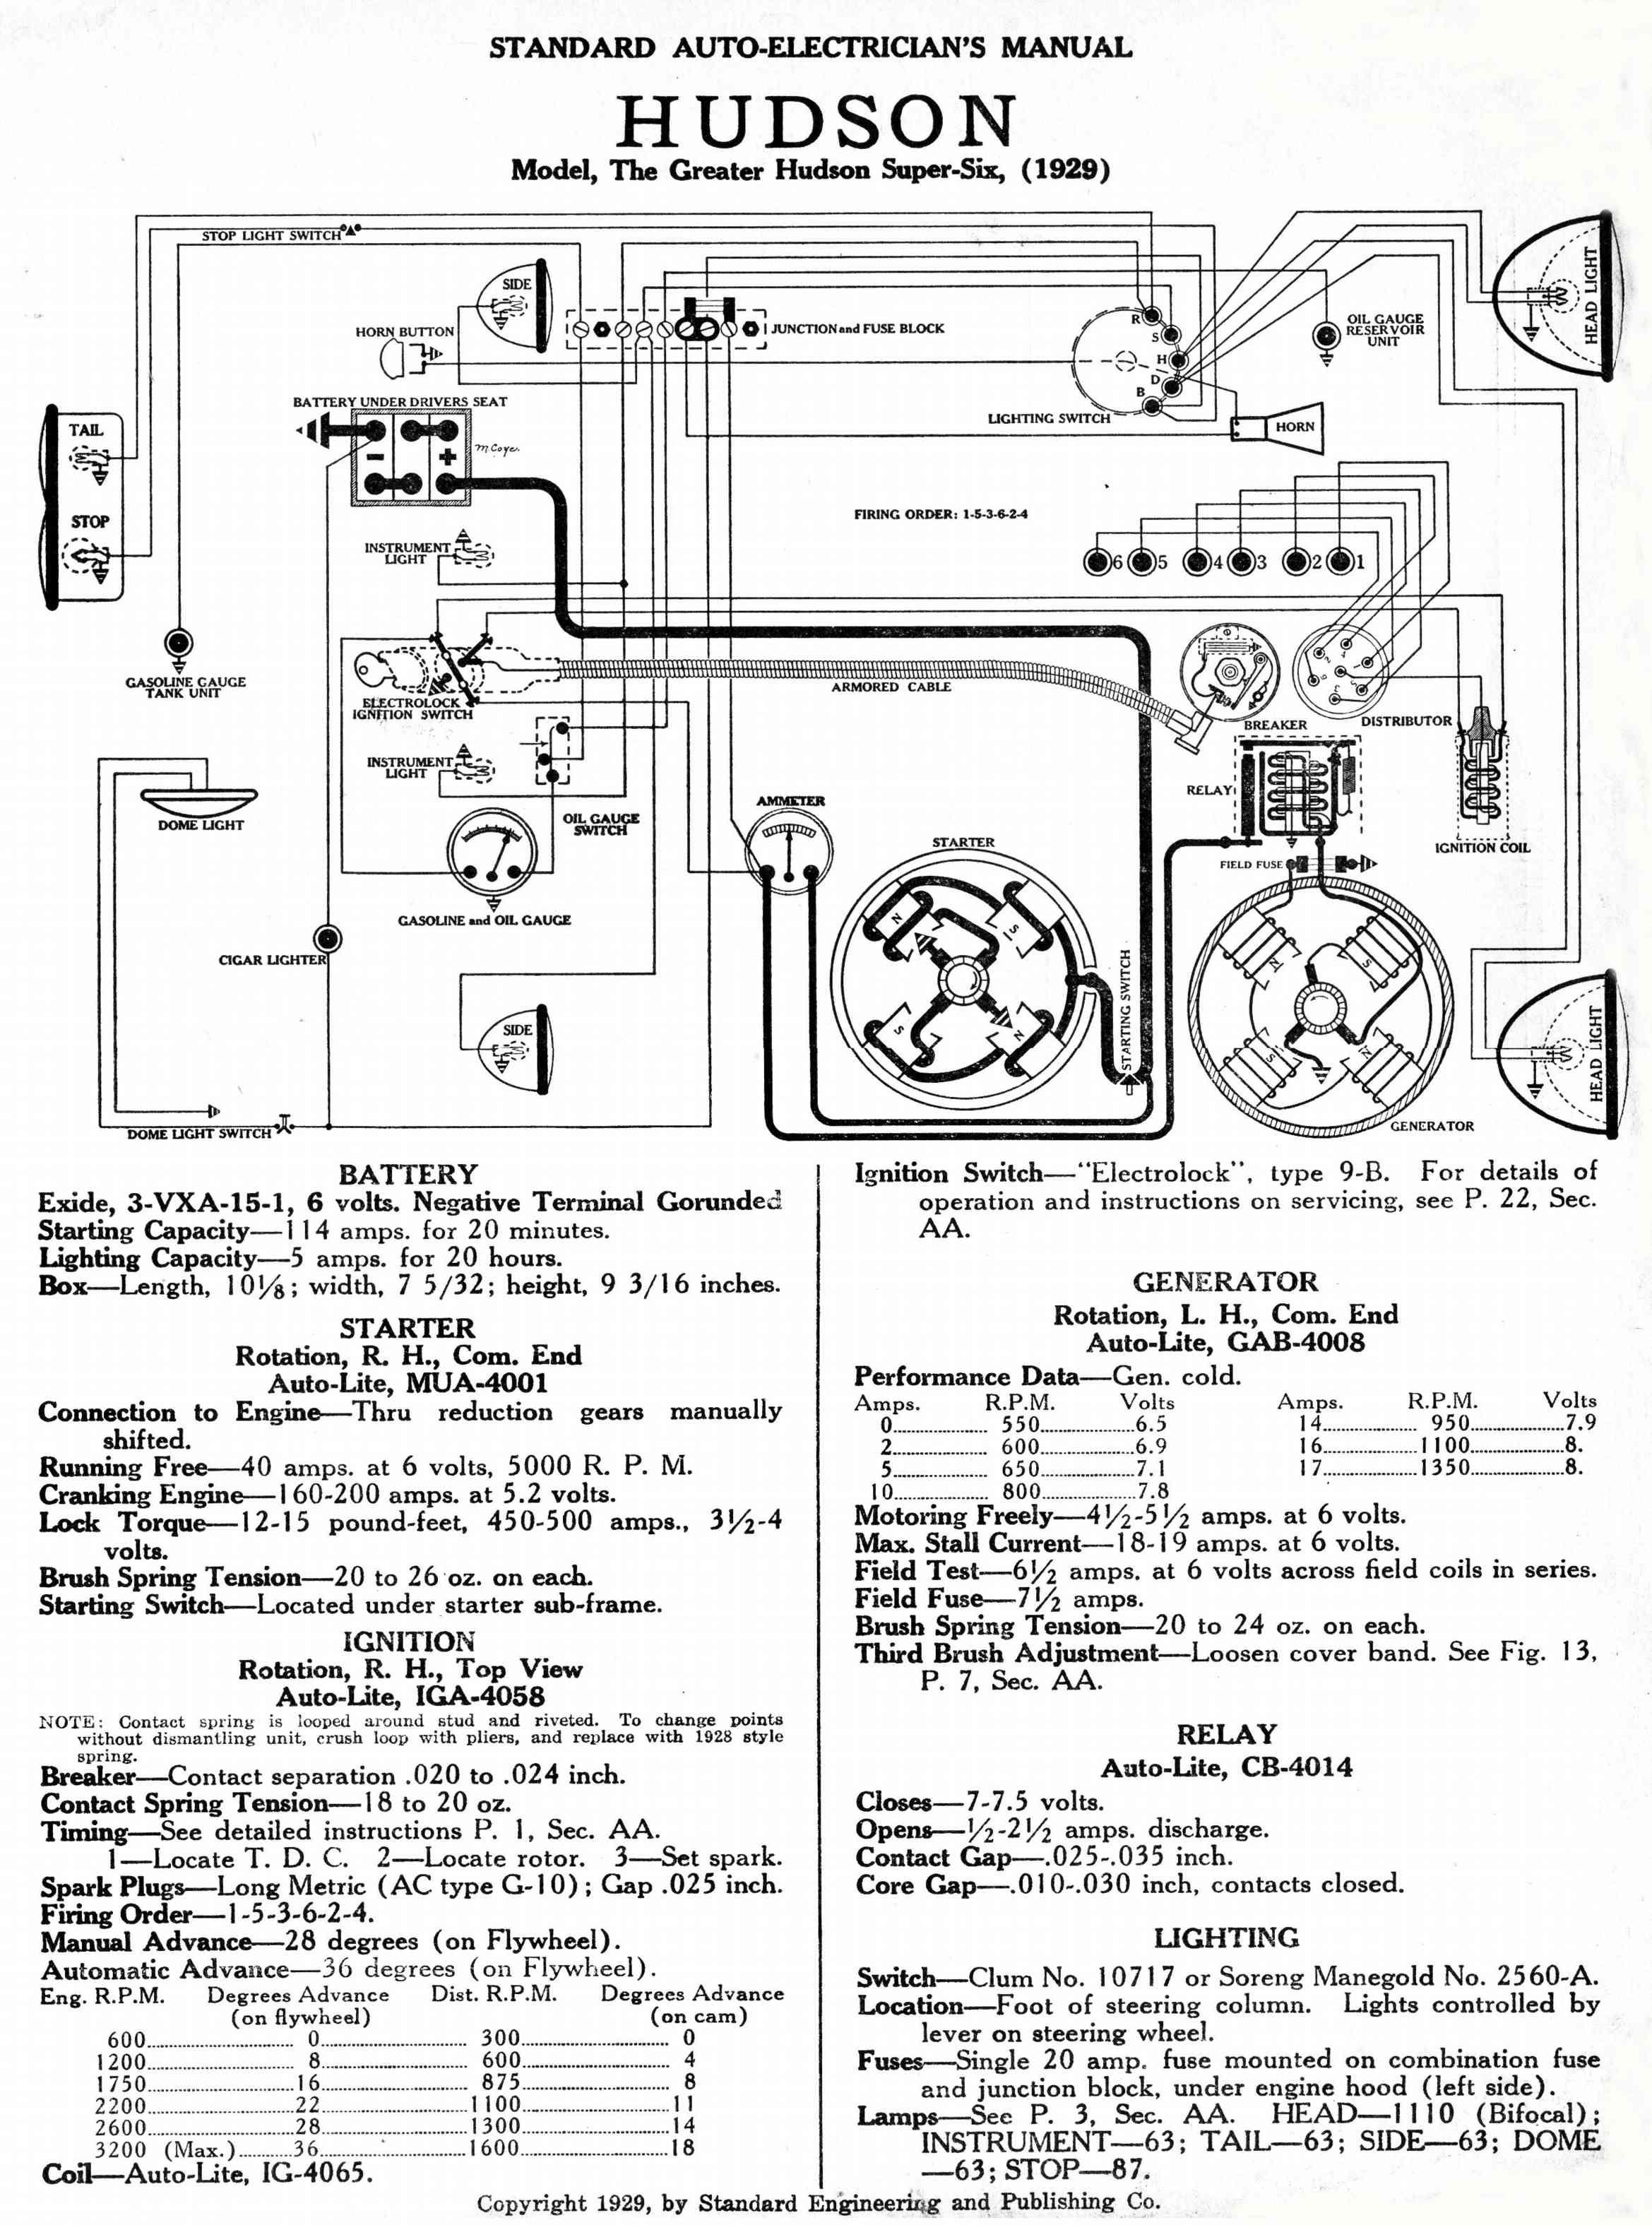 stewart warner volt gauge wiring diagram for whirlpool electric water heater ammeter circuit diagrams